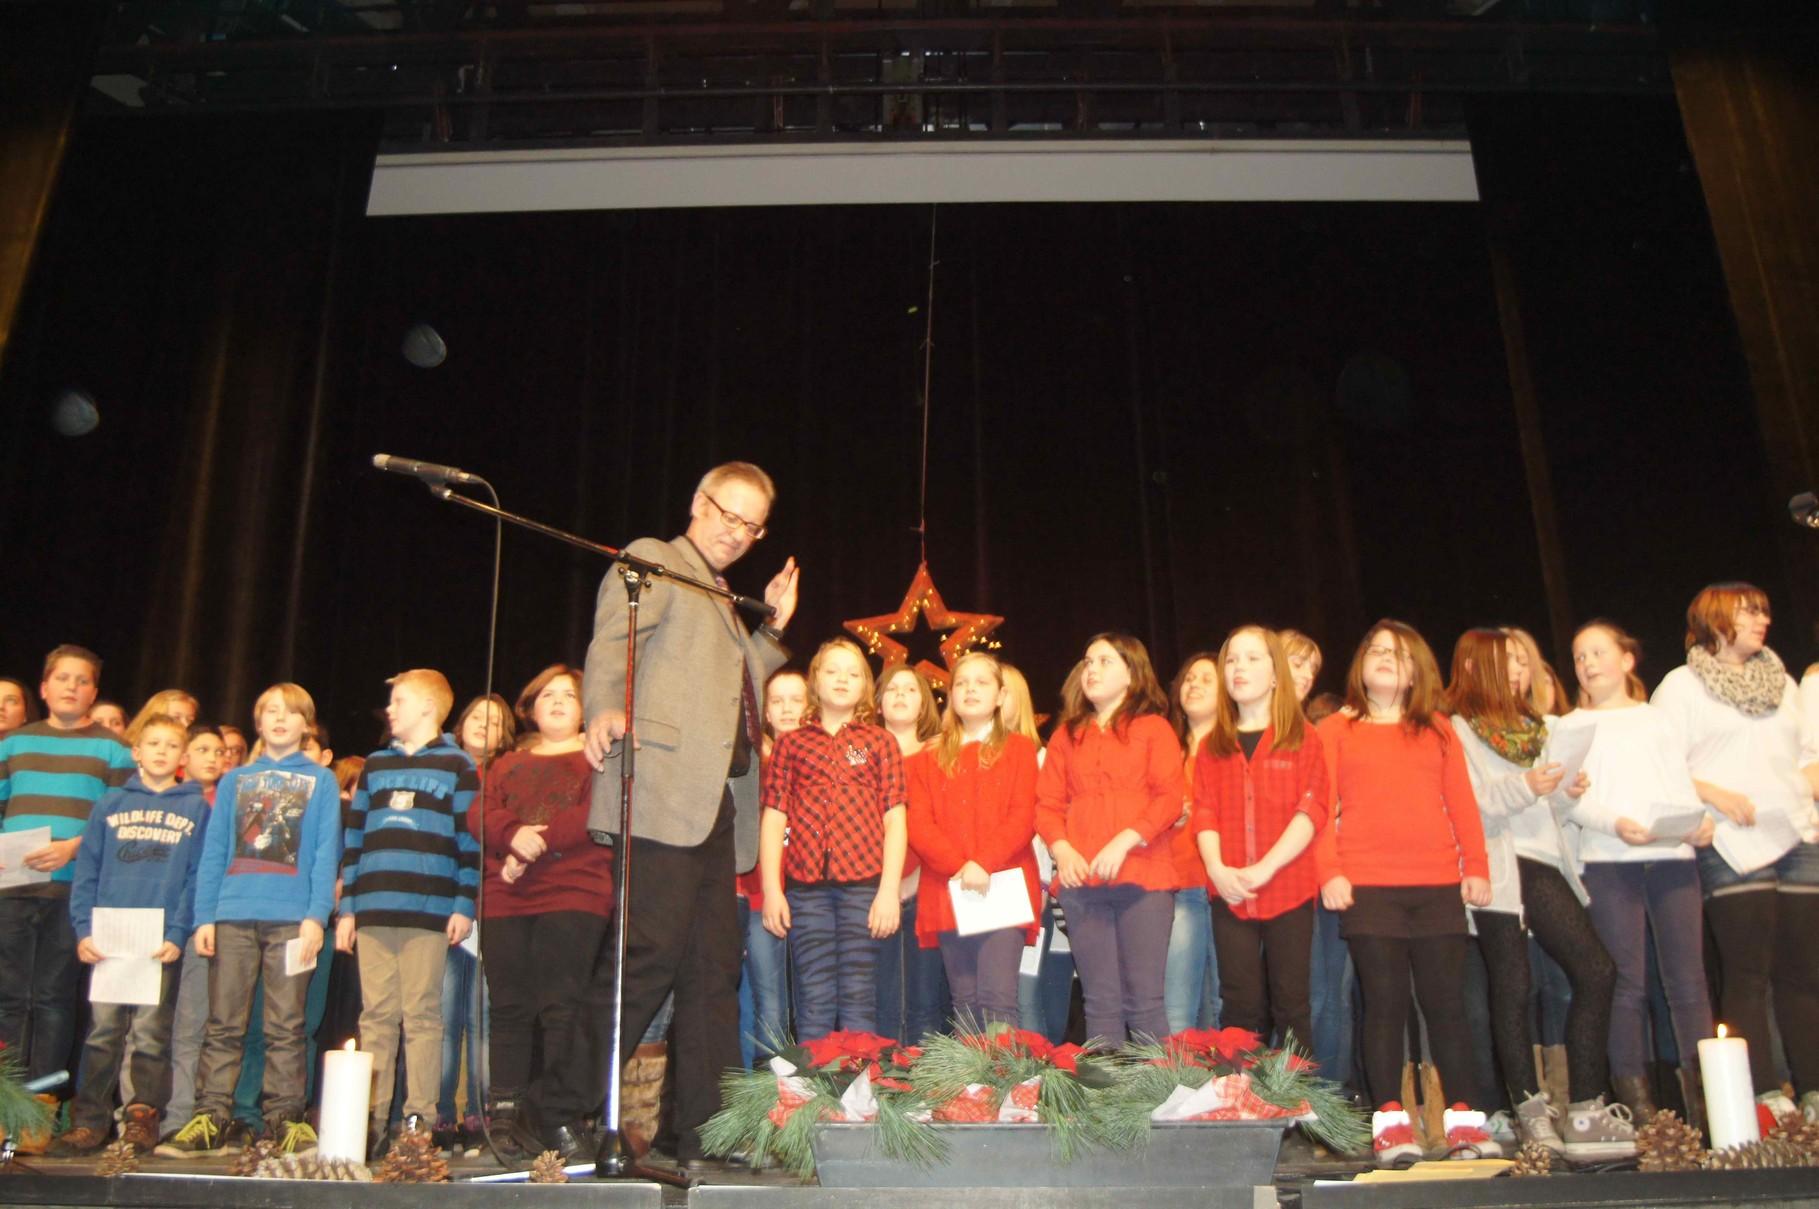 Auftritt bei der Weihnachtsfeier im Kulturzentrum